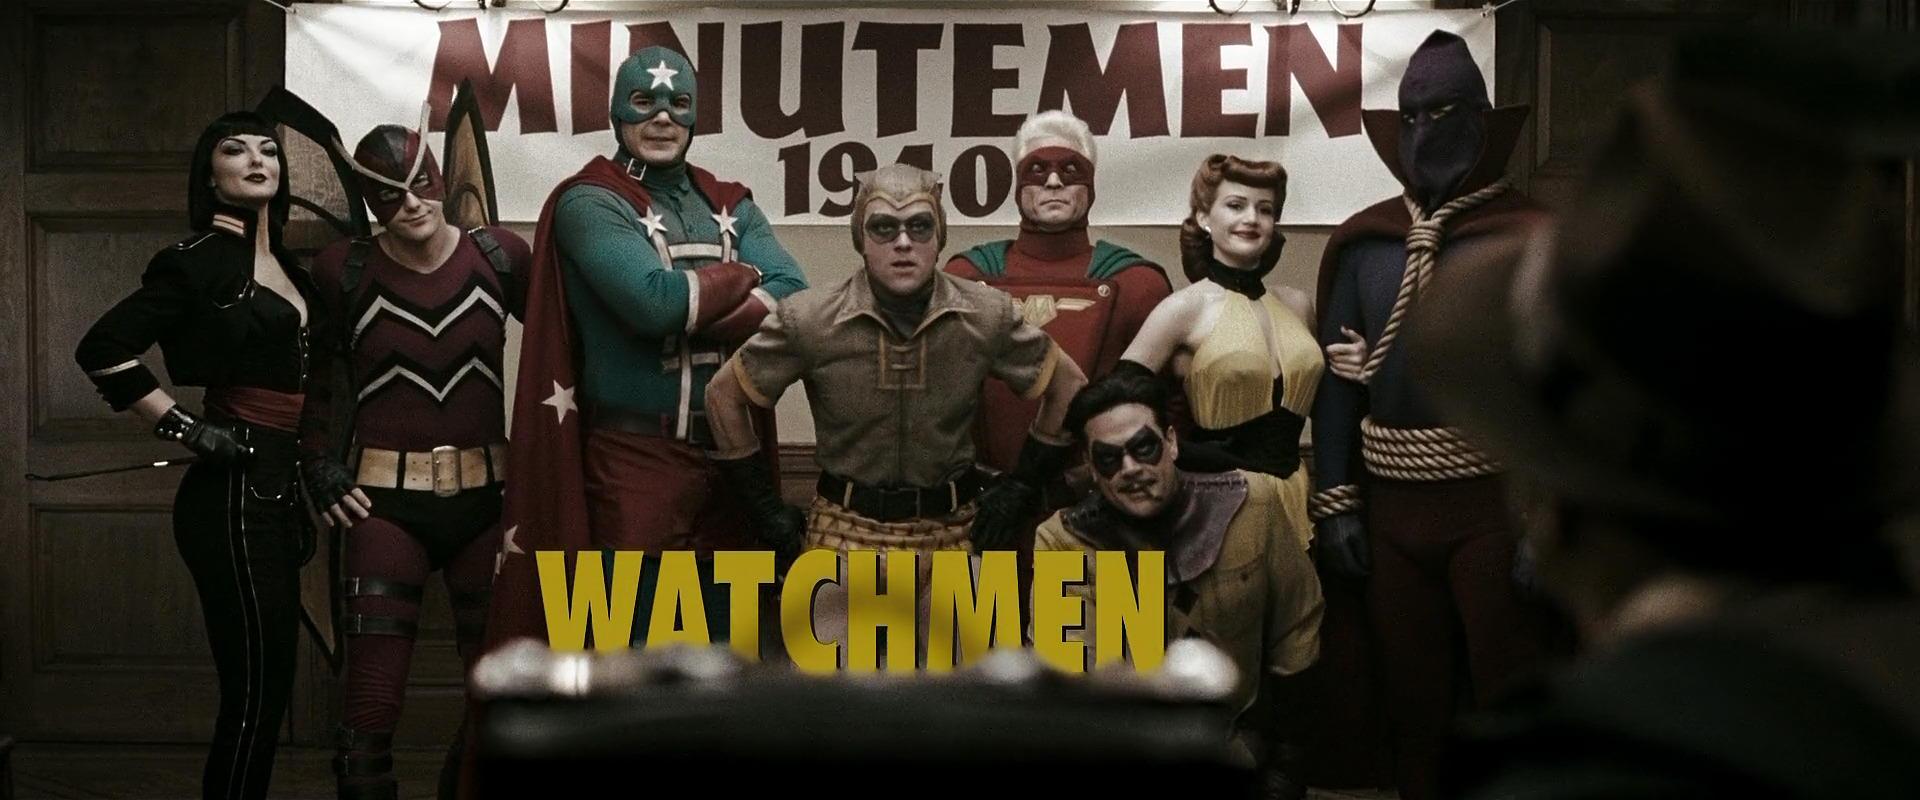 Watchmen 2009 Movie Screencaps Com